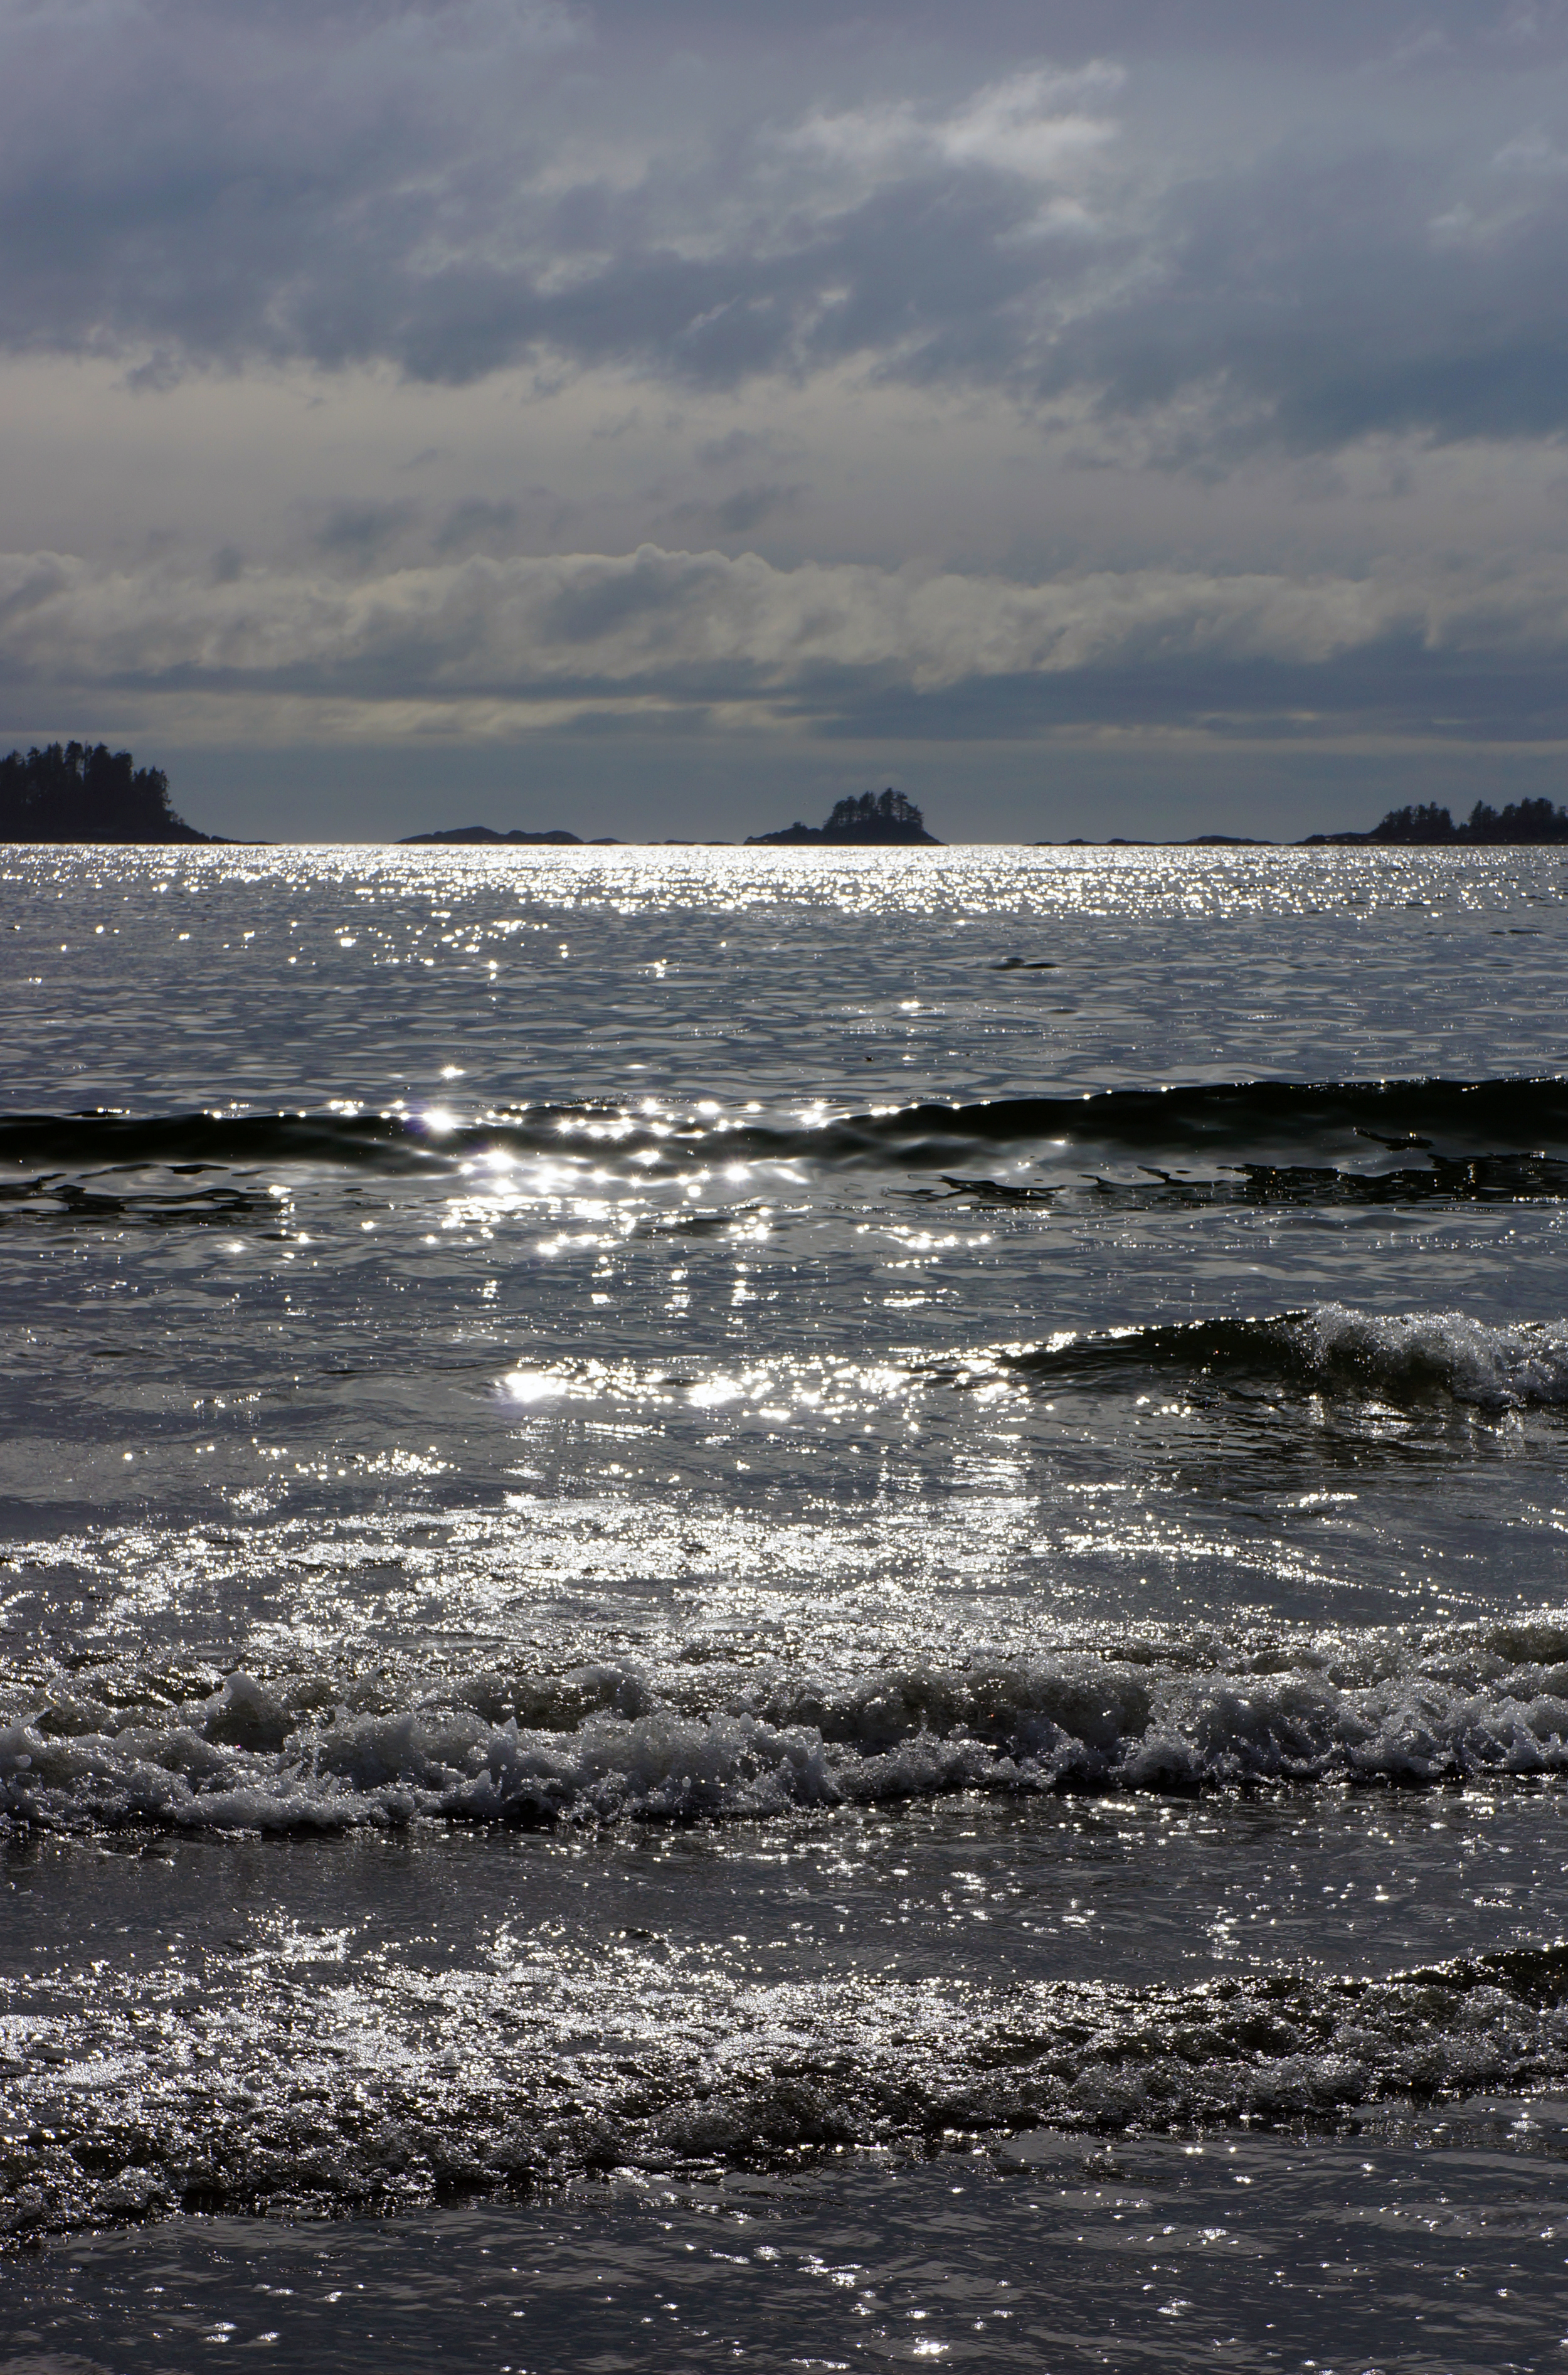 Sitka Sound, Baranof Island, Alaska